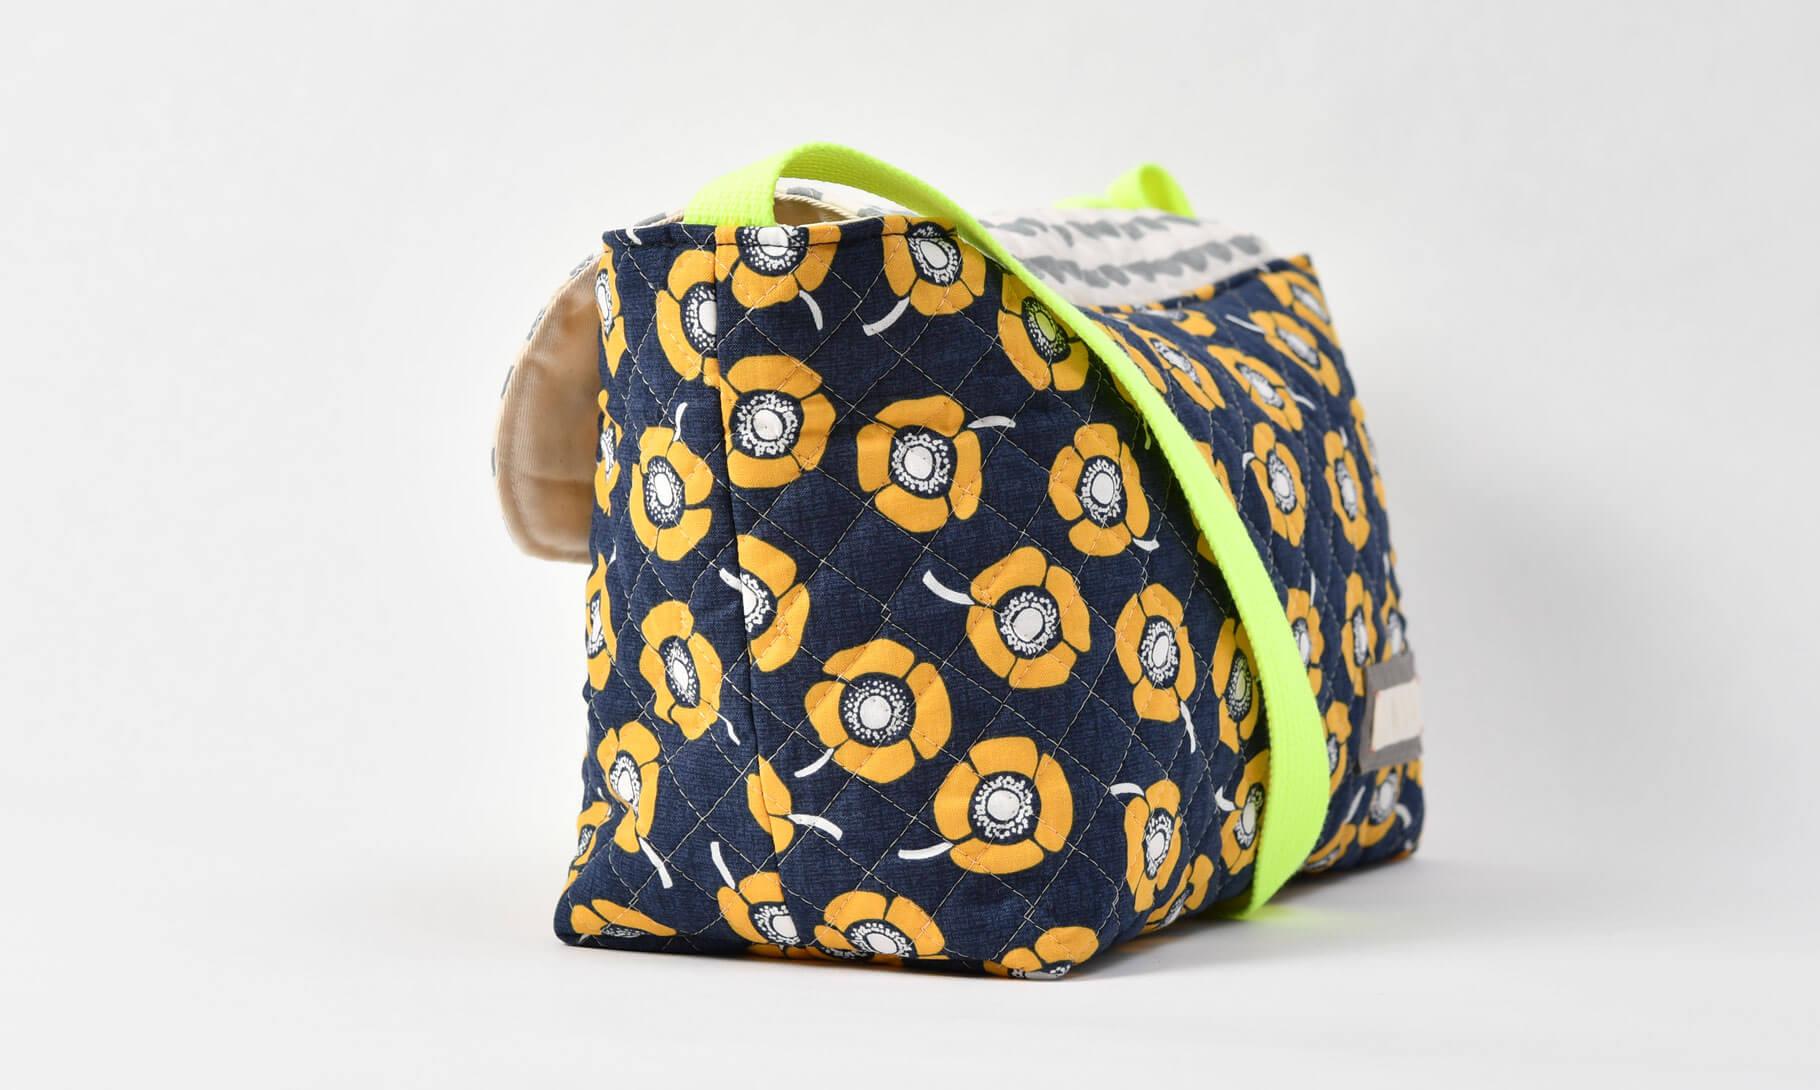 通園バッグ、北欧風ペルラージュ模様、イエローポピーのネイビー横画像